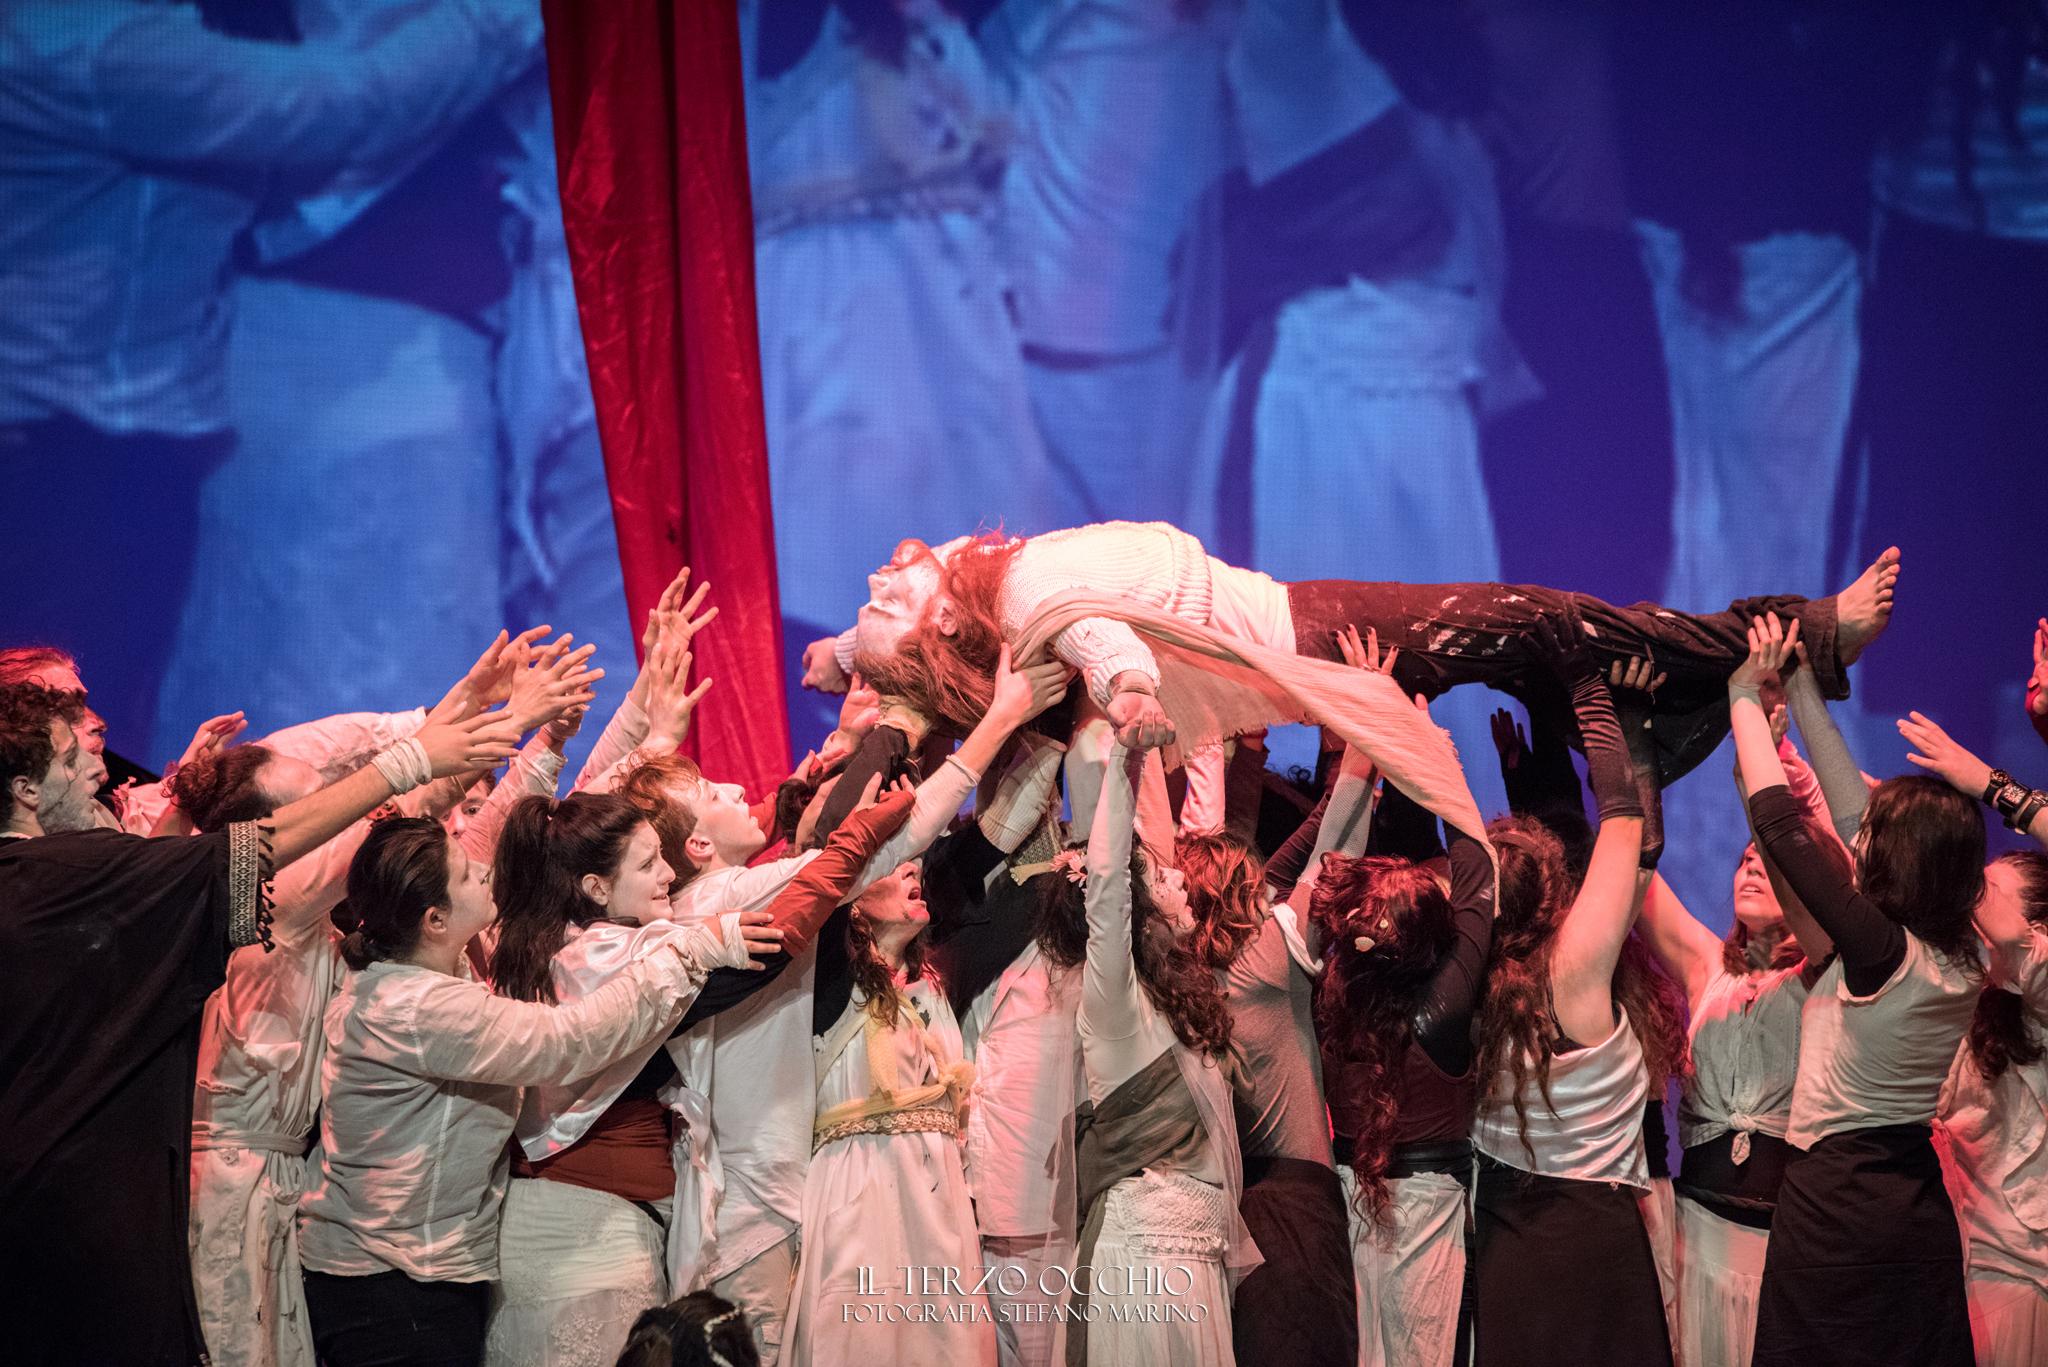 Immagini EsosTheatre - il teatro degli Esoscheletri (2)